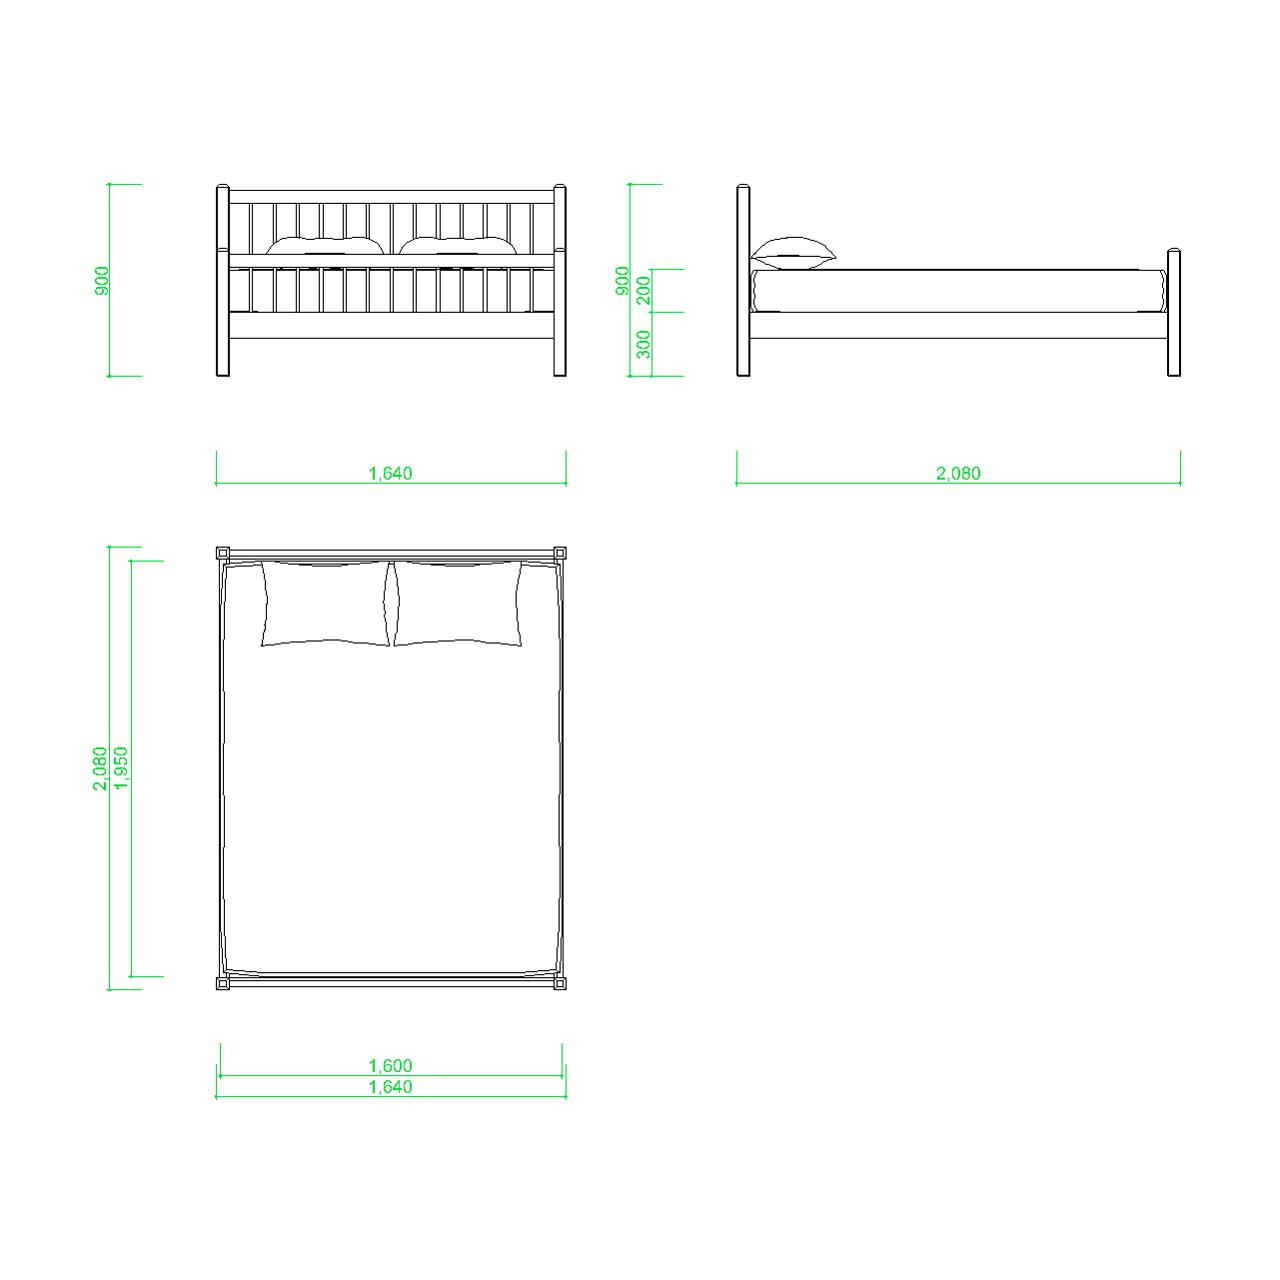 クイーンサイズのベッドの2DCAD部品,無料,商用可能,フリー素材,フリーデータ,AUTOCAD,DWG,DXF,インテリア,interior,家具,furniture,bed,queen